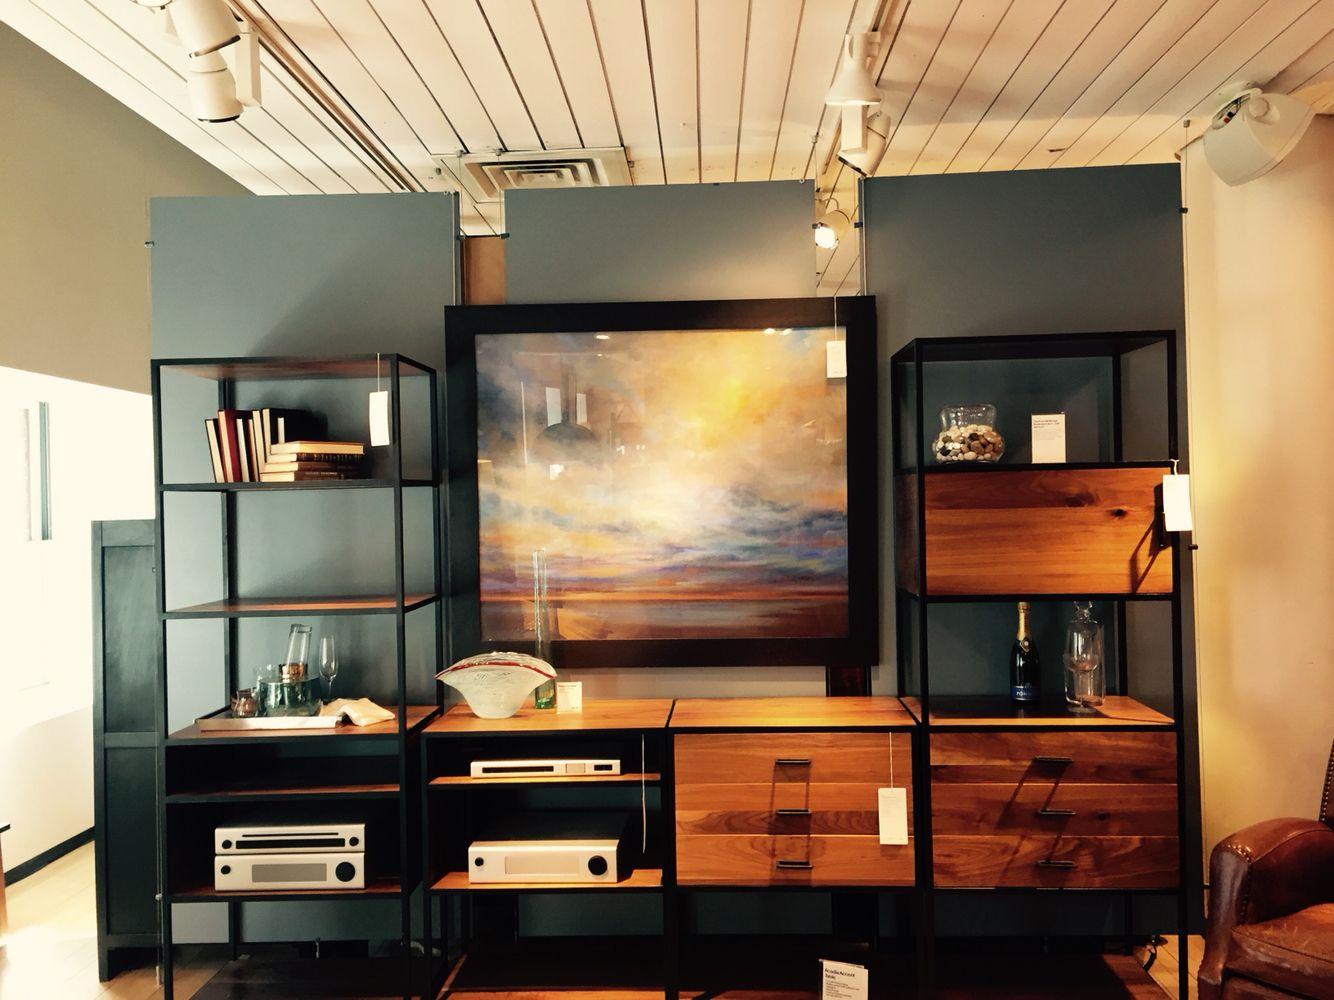 Mueble estantes hierro y madera decoración | Madera y hierro ...